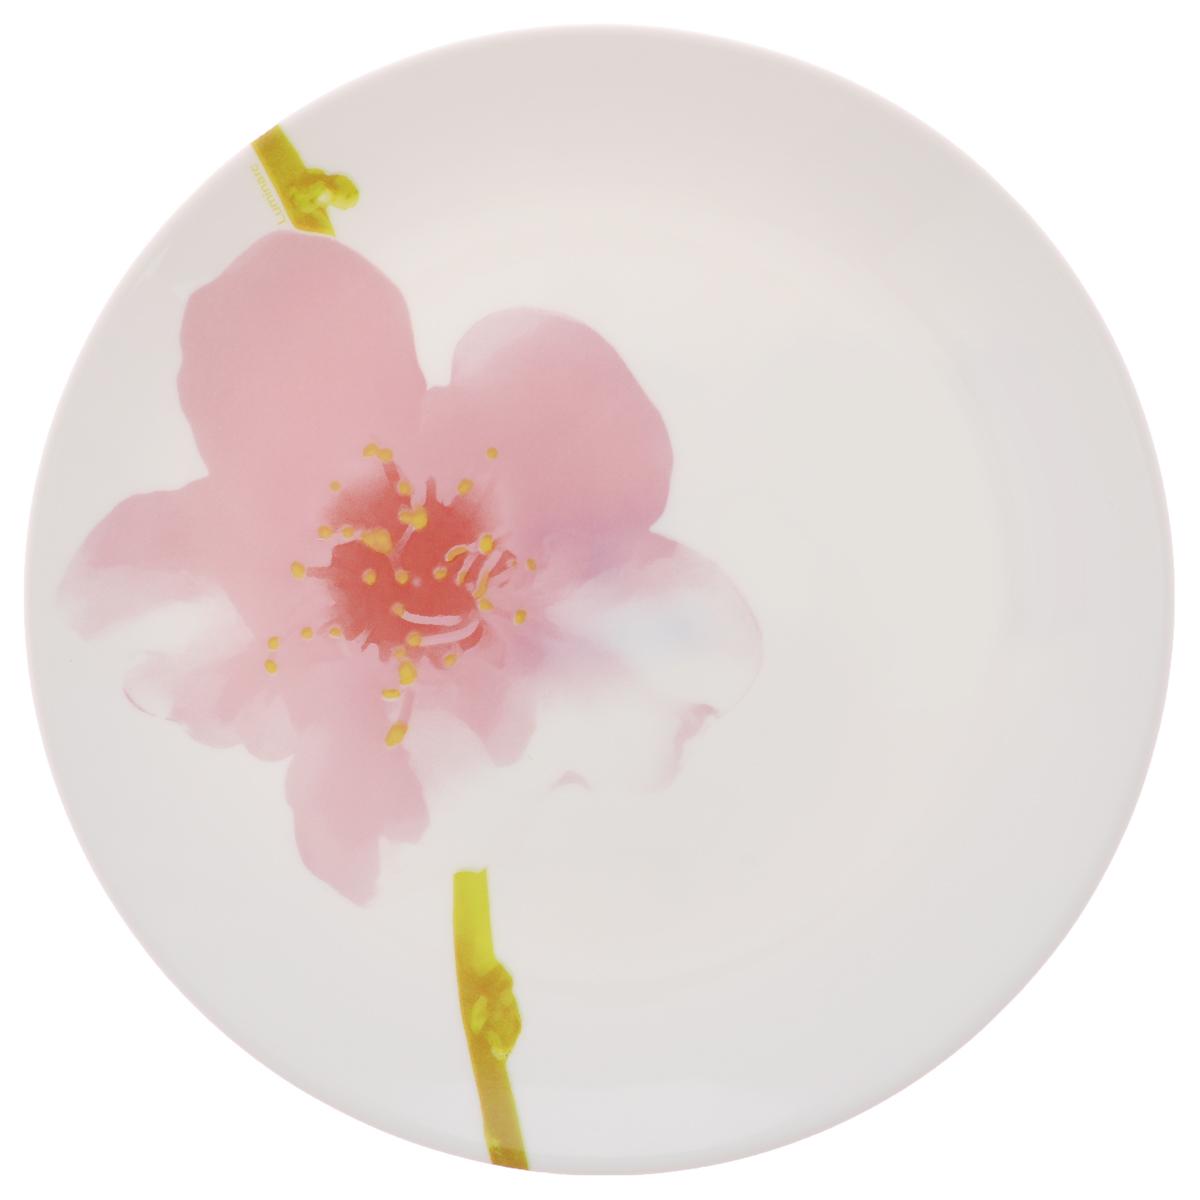 Тарелка десертная Luminarc Water Color, диаметр 19 см115510Десертная тарелка Luminarc Water Color, изготовленная из ударопрочного стекла, имеет изысканный внешний вид. Такая тарелка прекрасно подходит как для торжественных случаев, так и для повседневного использования. Идеальна для подачи десертов, пирожных, тортов и многого другого. Она прекрасно оформит стол и станет отличным дополнением к вашей коллекции кухонной посуды. Диаметр тарелки (по верхнему краю): 19 см.